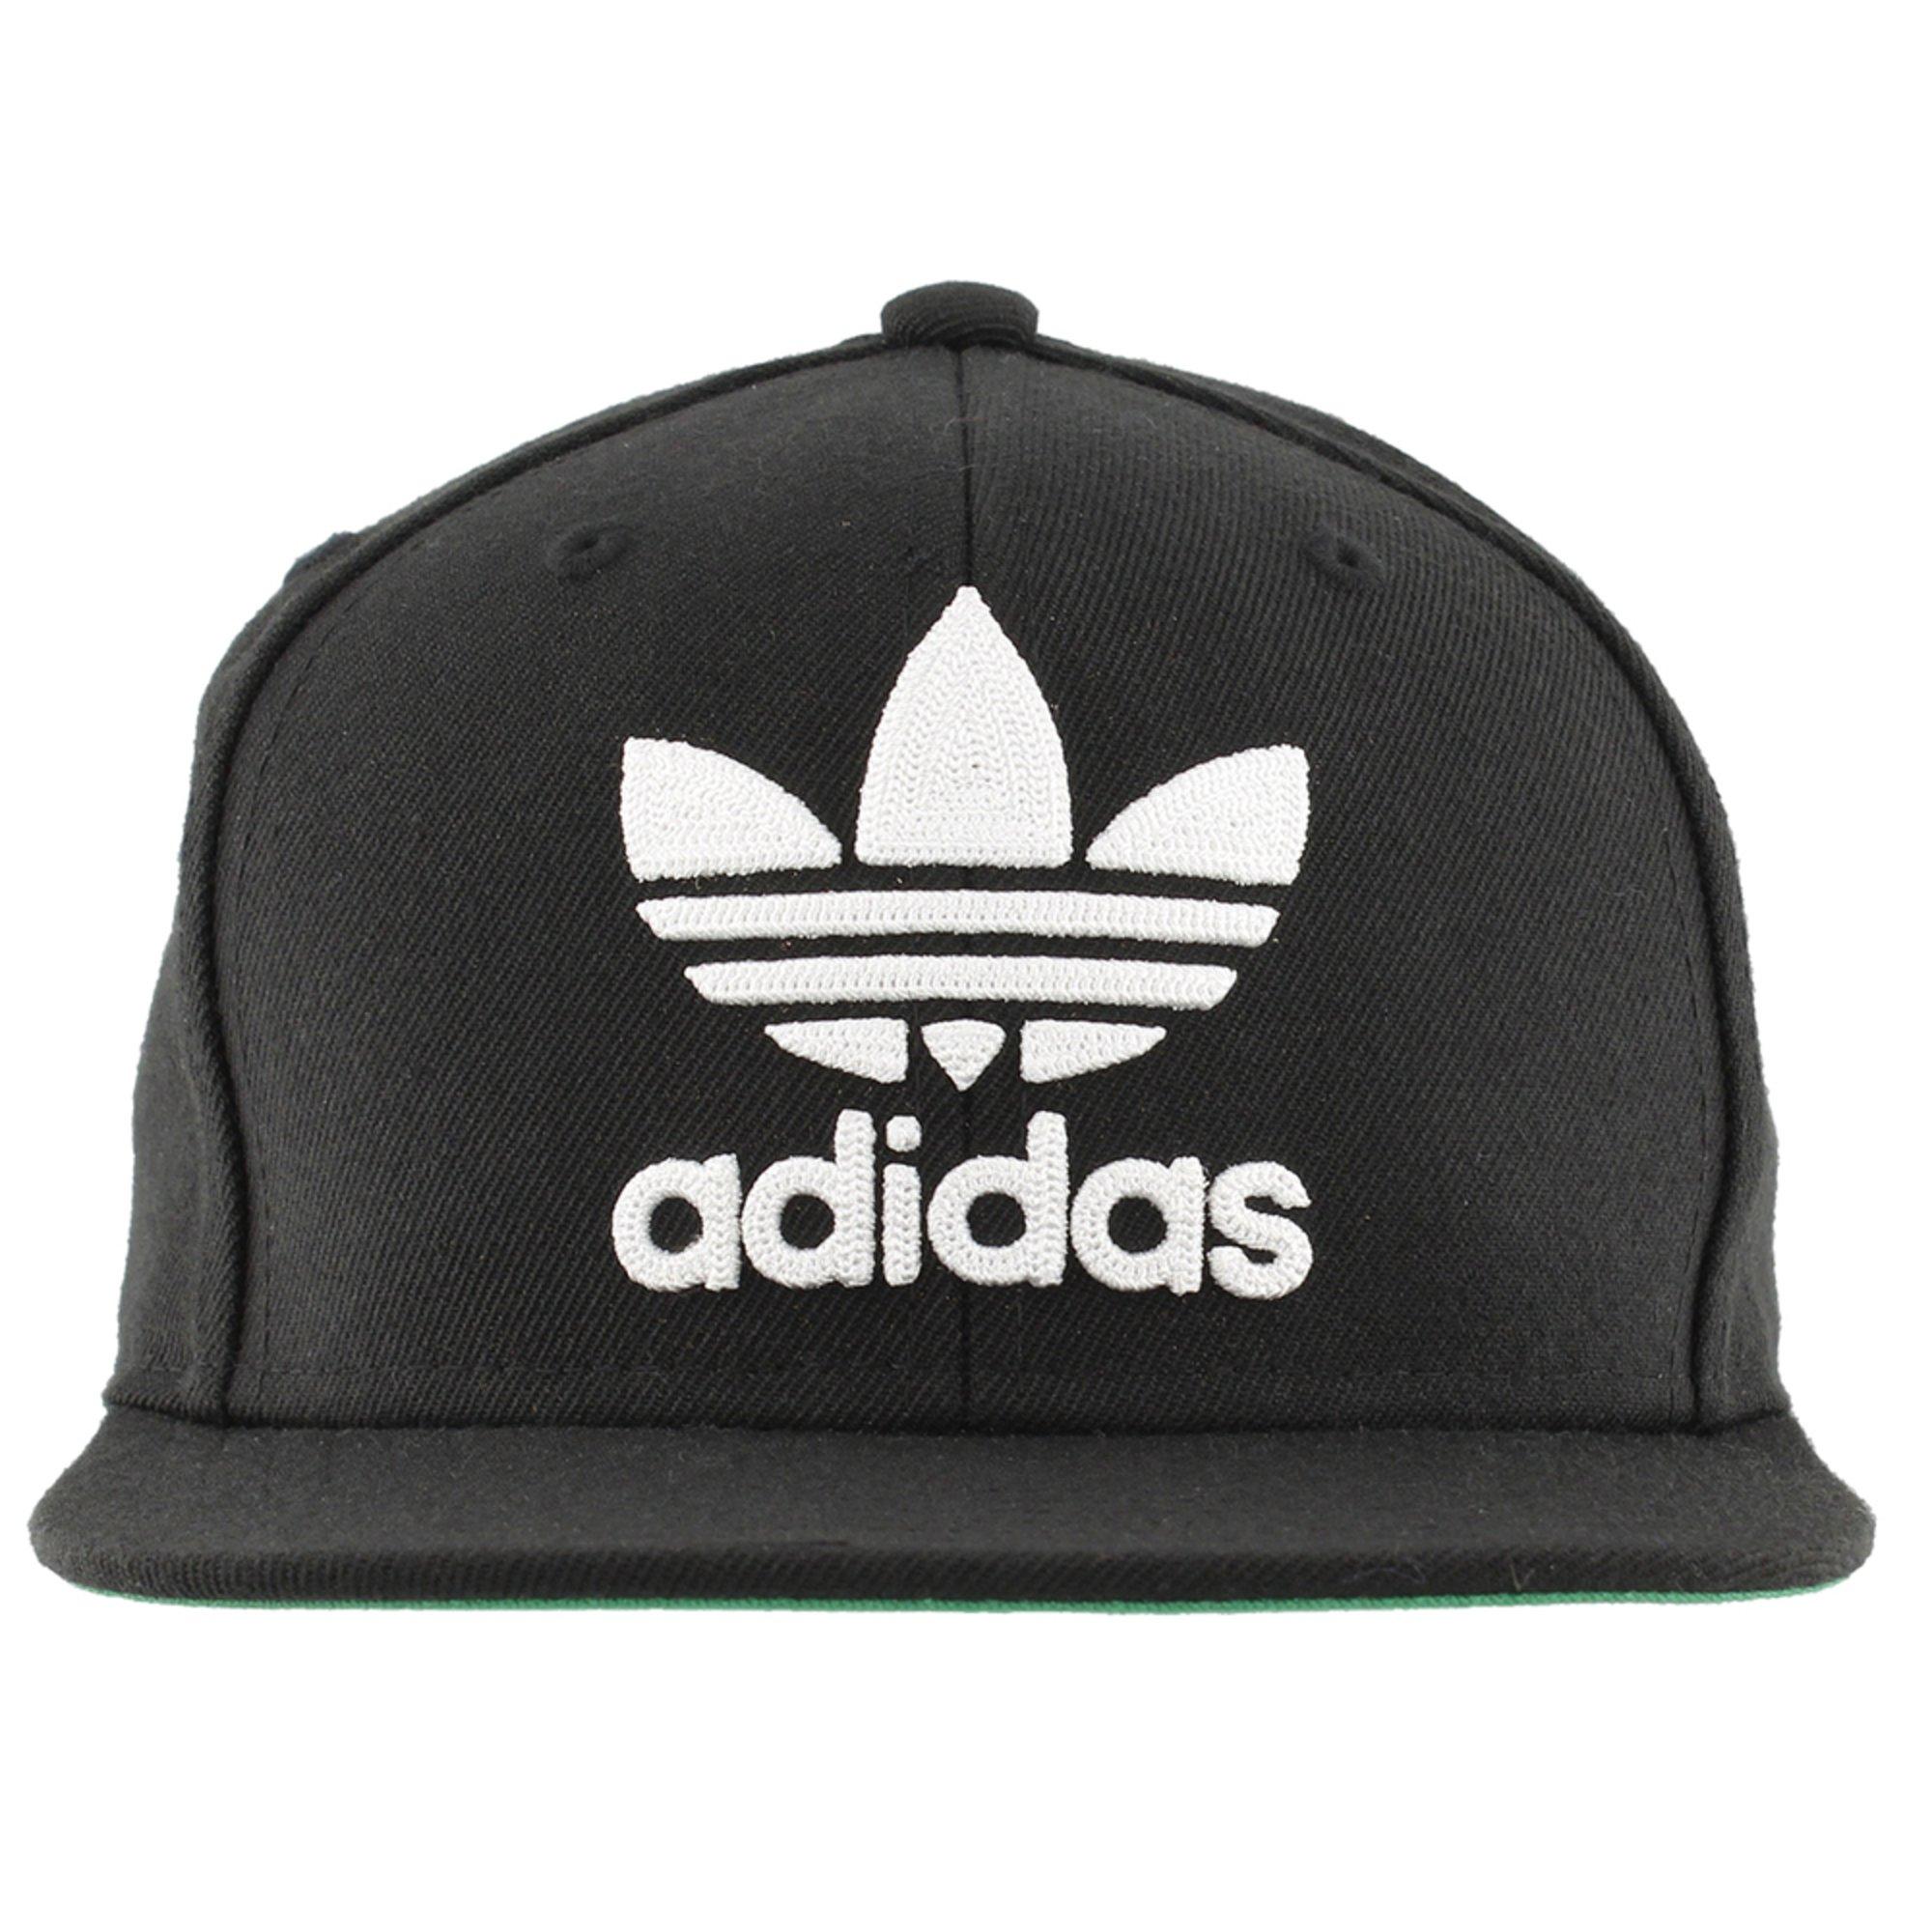 a2215d8b Adidas Men's Originals Trefoil Snapback Cap - Black | Active Hats ...